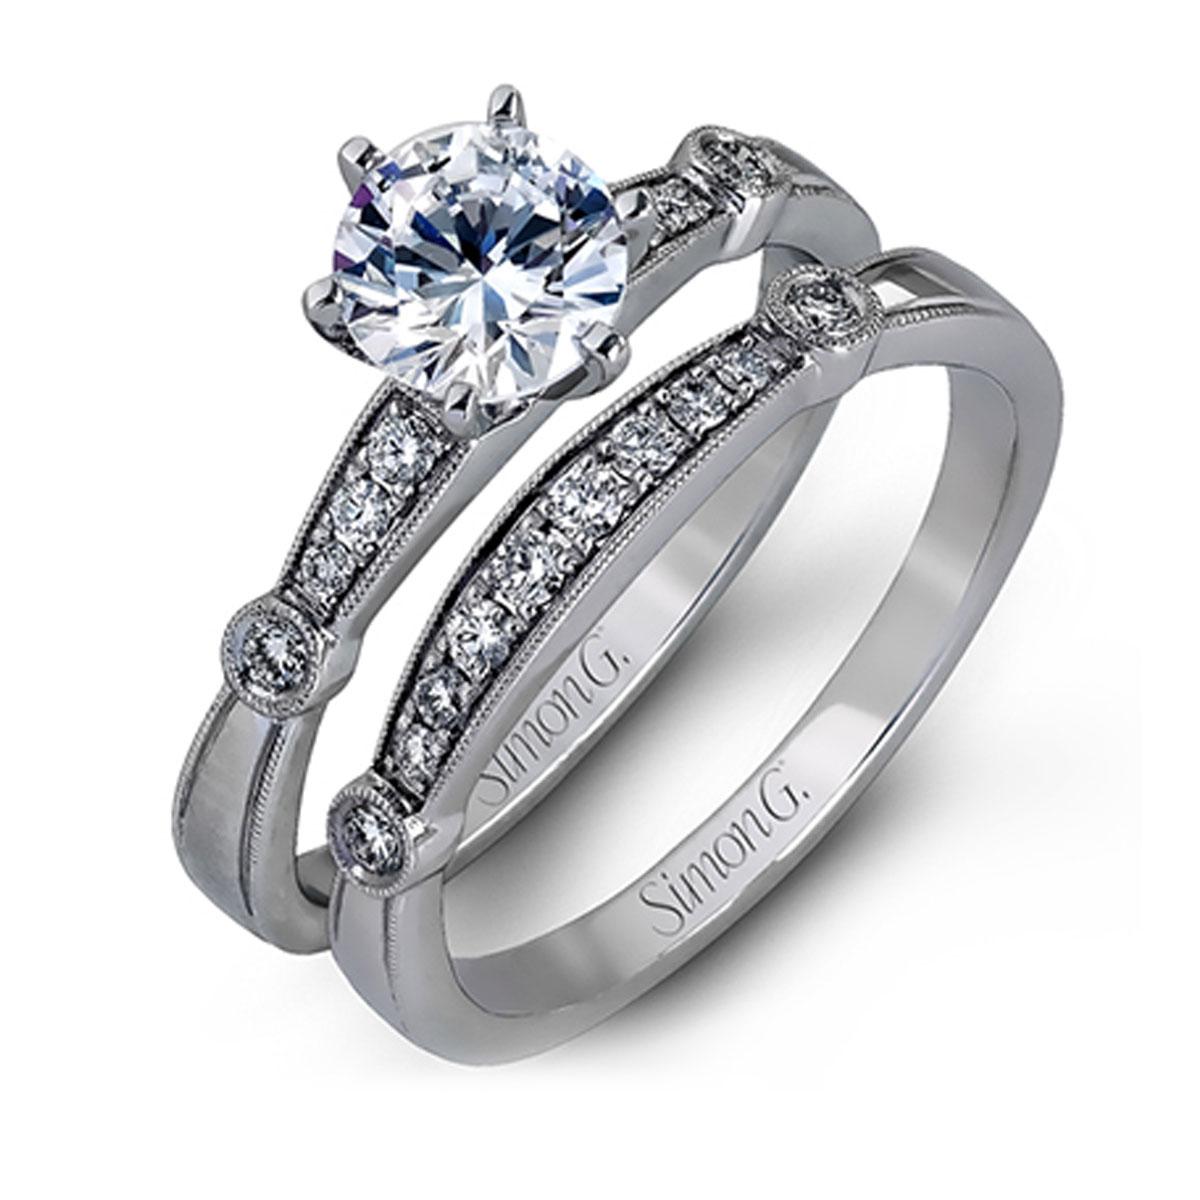 Simon G MR1546-D 18k White Gold Engagement Ring Set